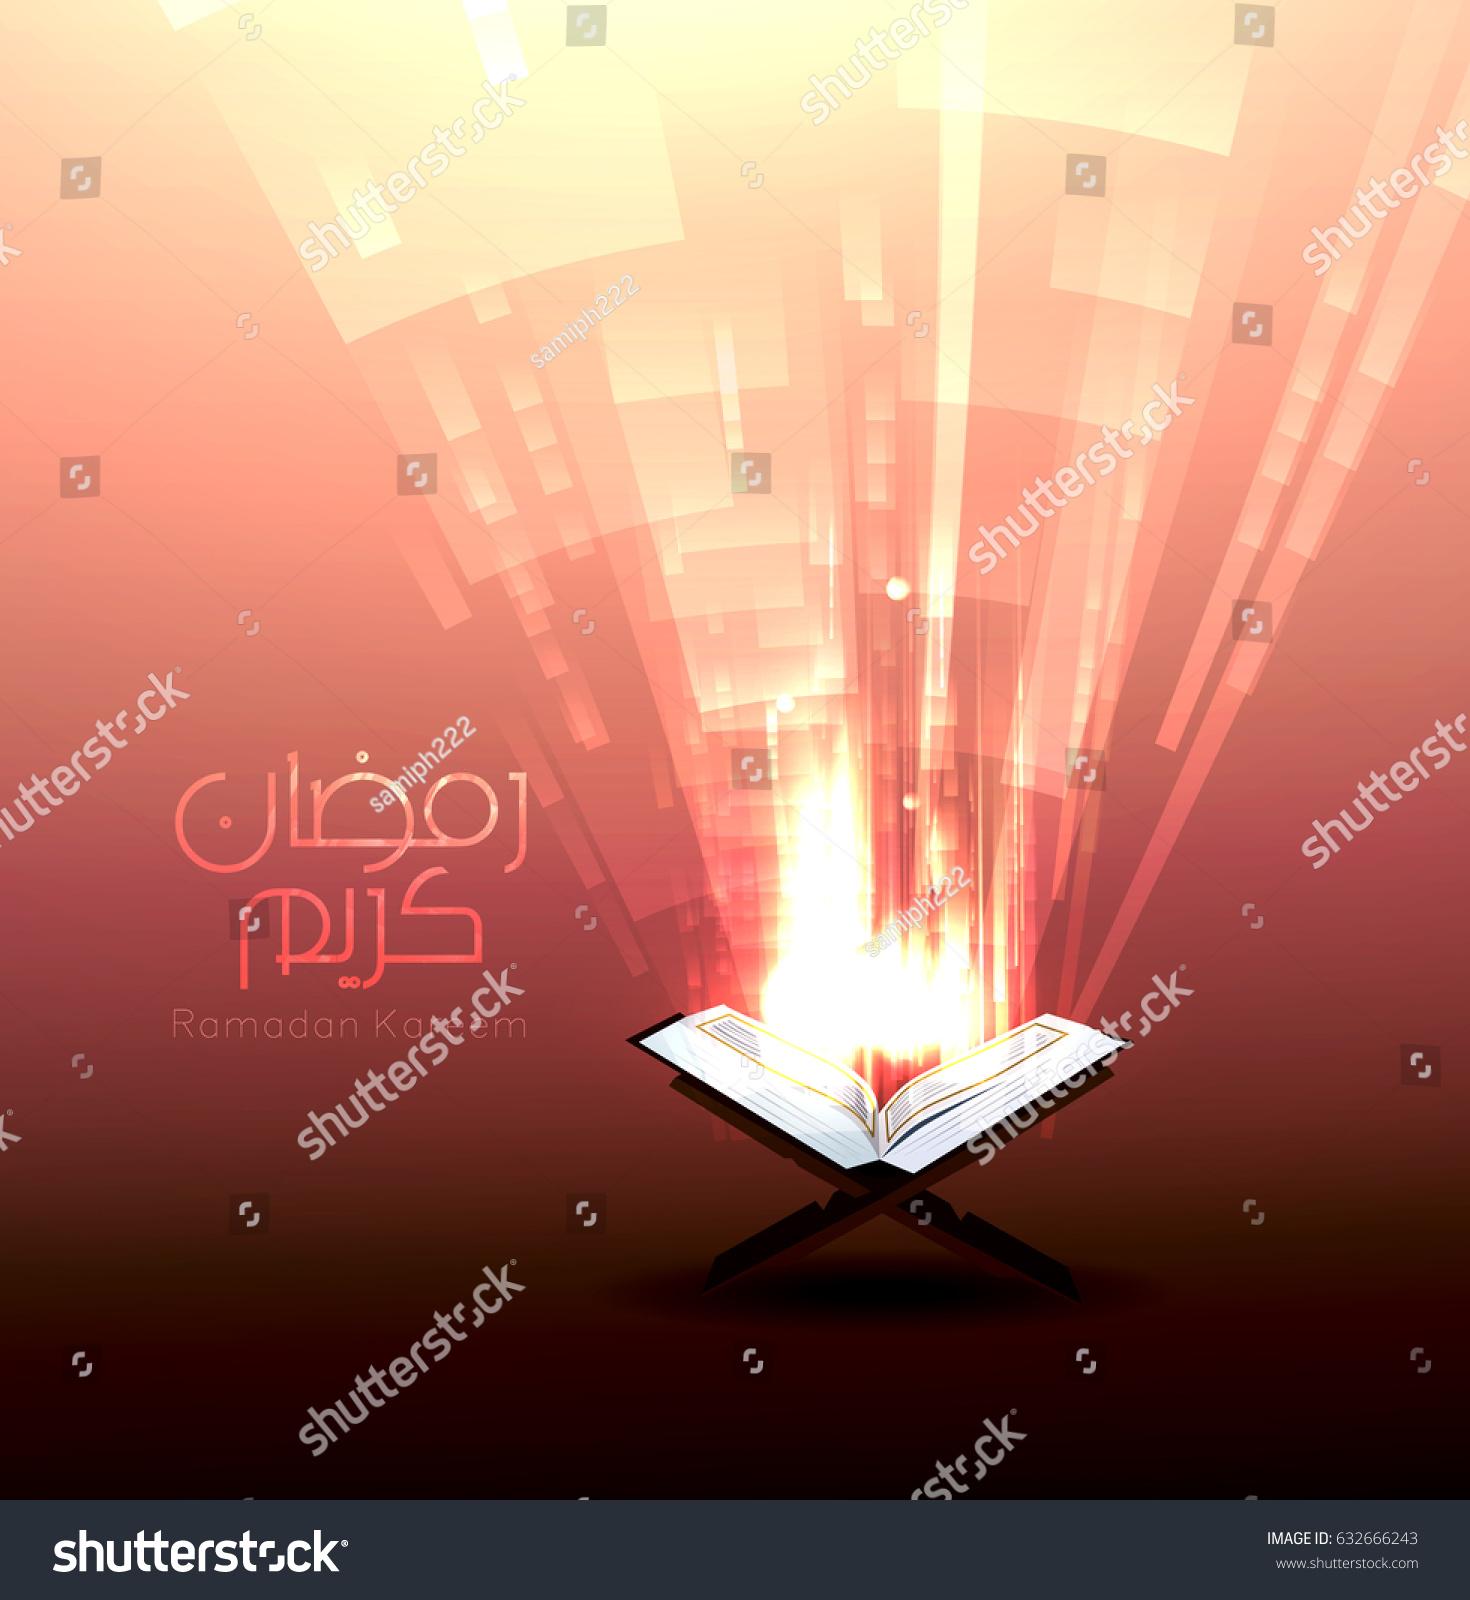 Ramadan Kareem Greeting Card Ramadan Mubarak Stock Vector Hd